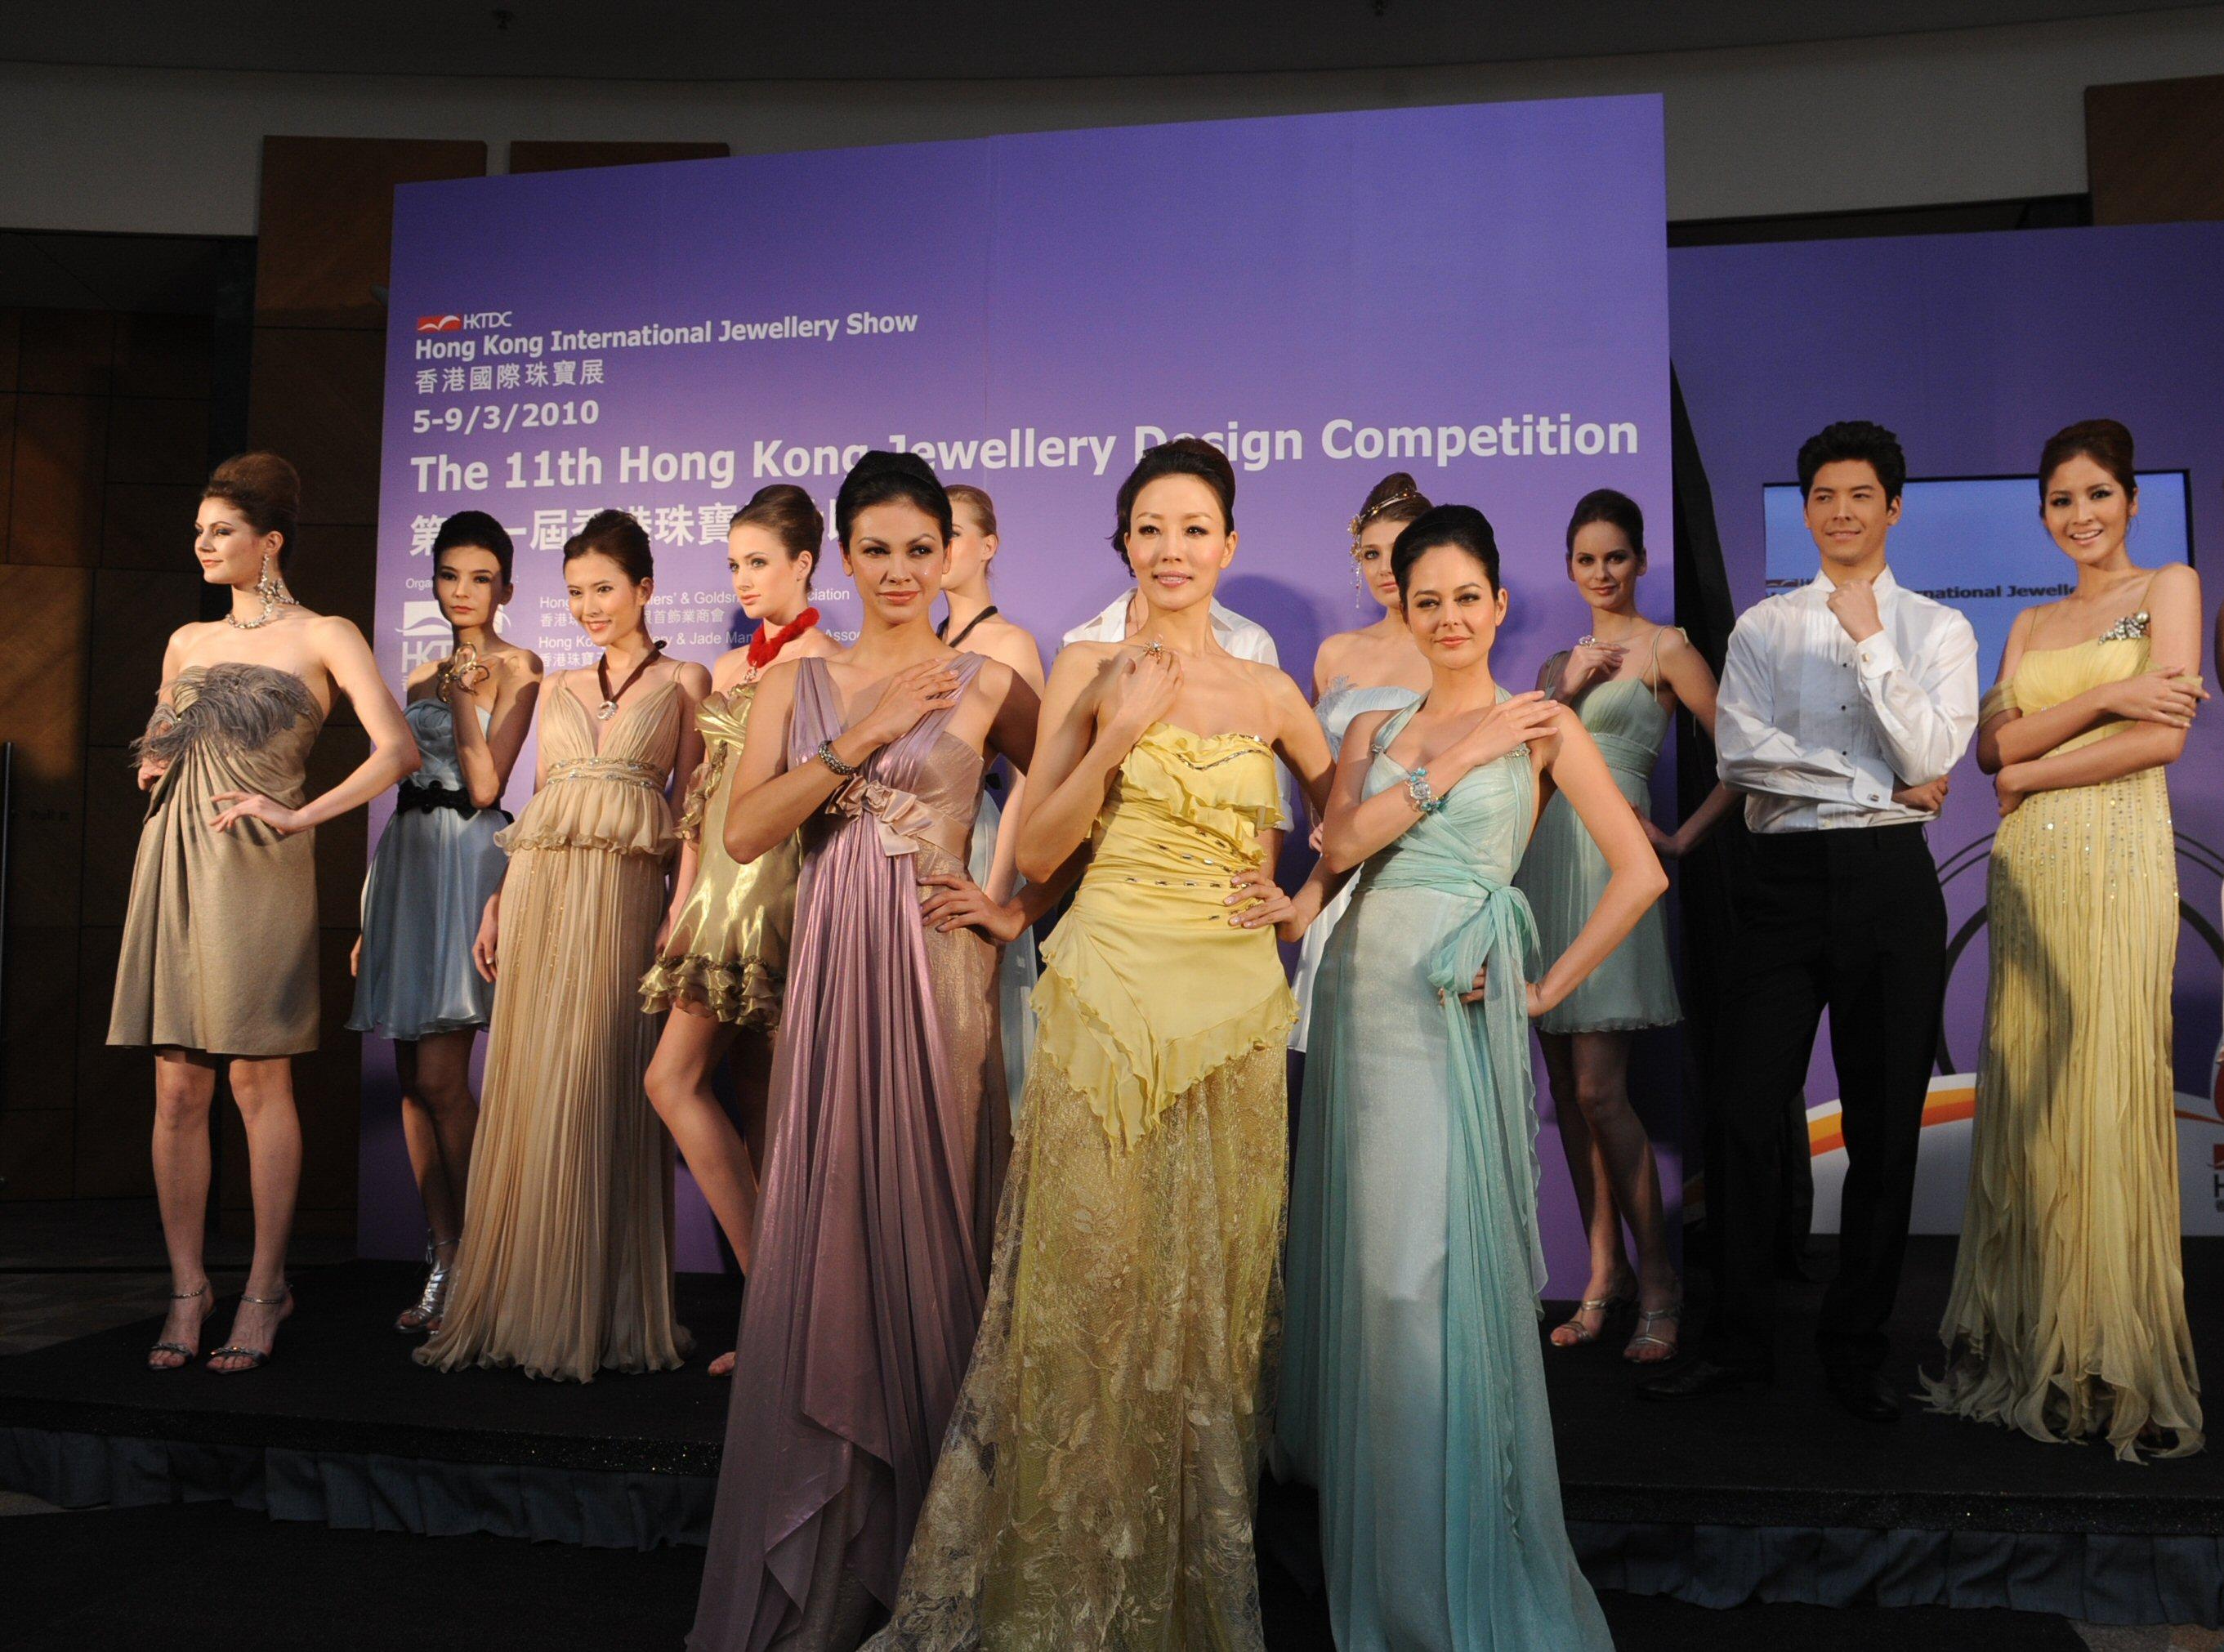 一众模特儿展示香港国际珠宝展部份展商的最新设计.